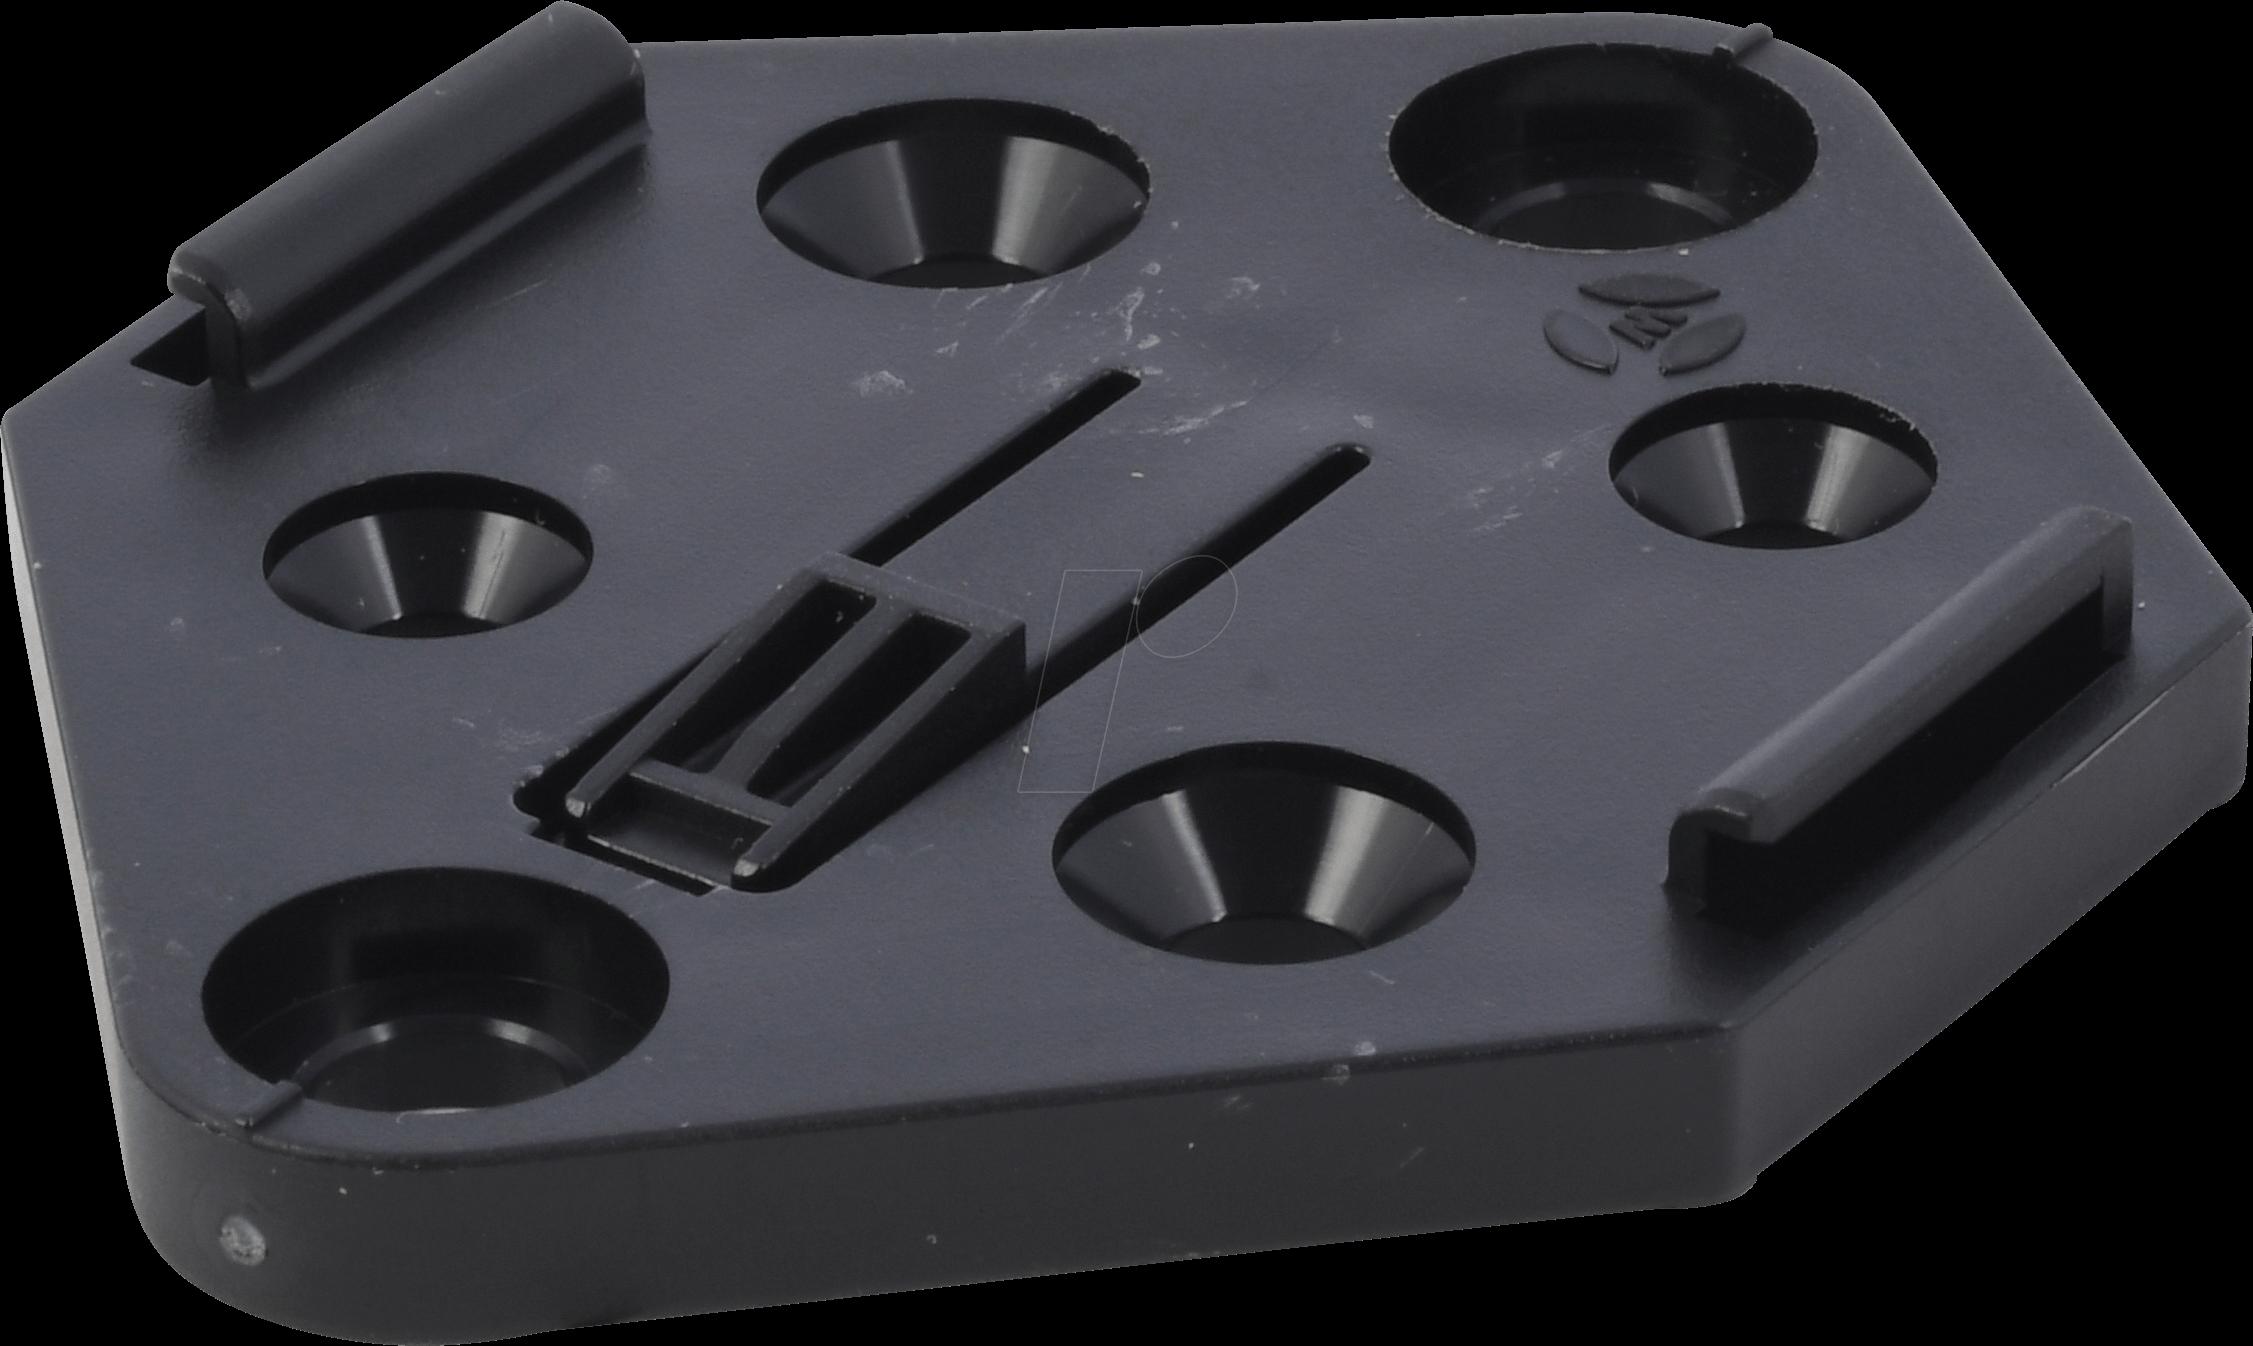 RST16 VB - Tragplatte für RST 16